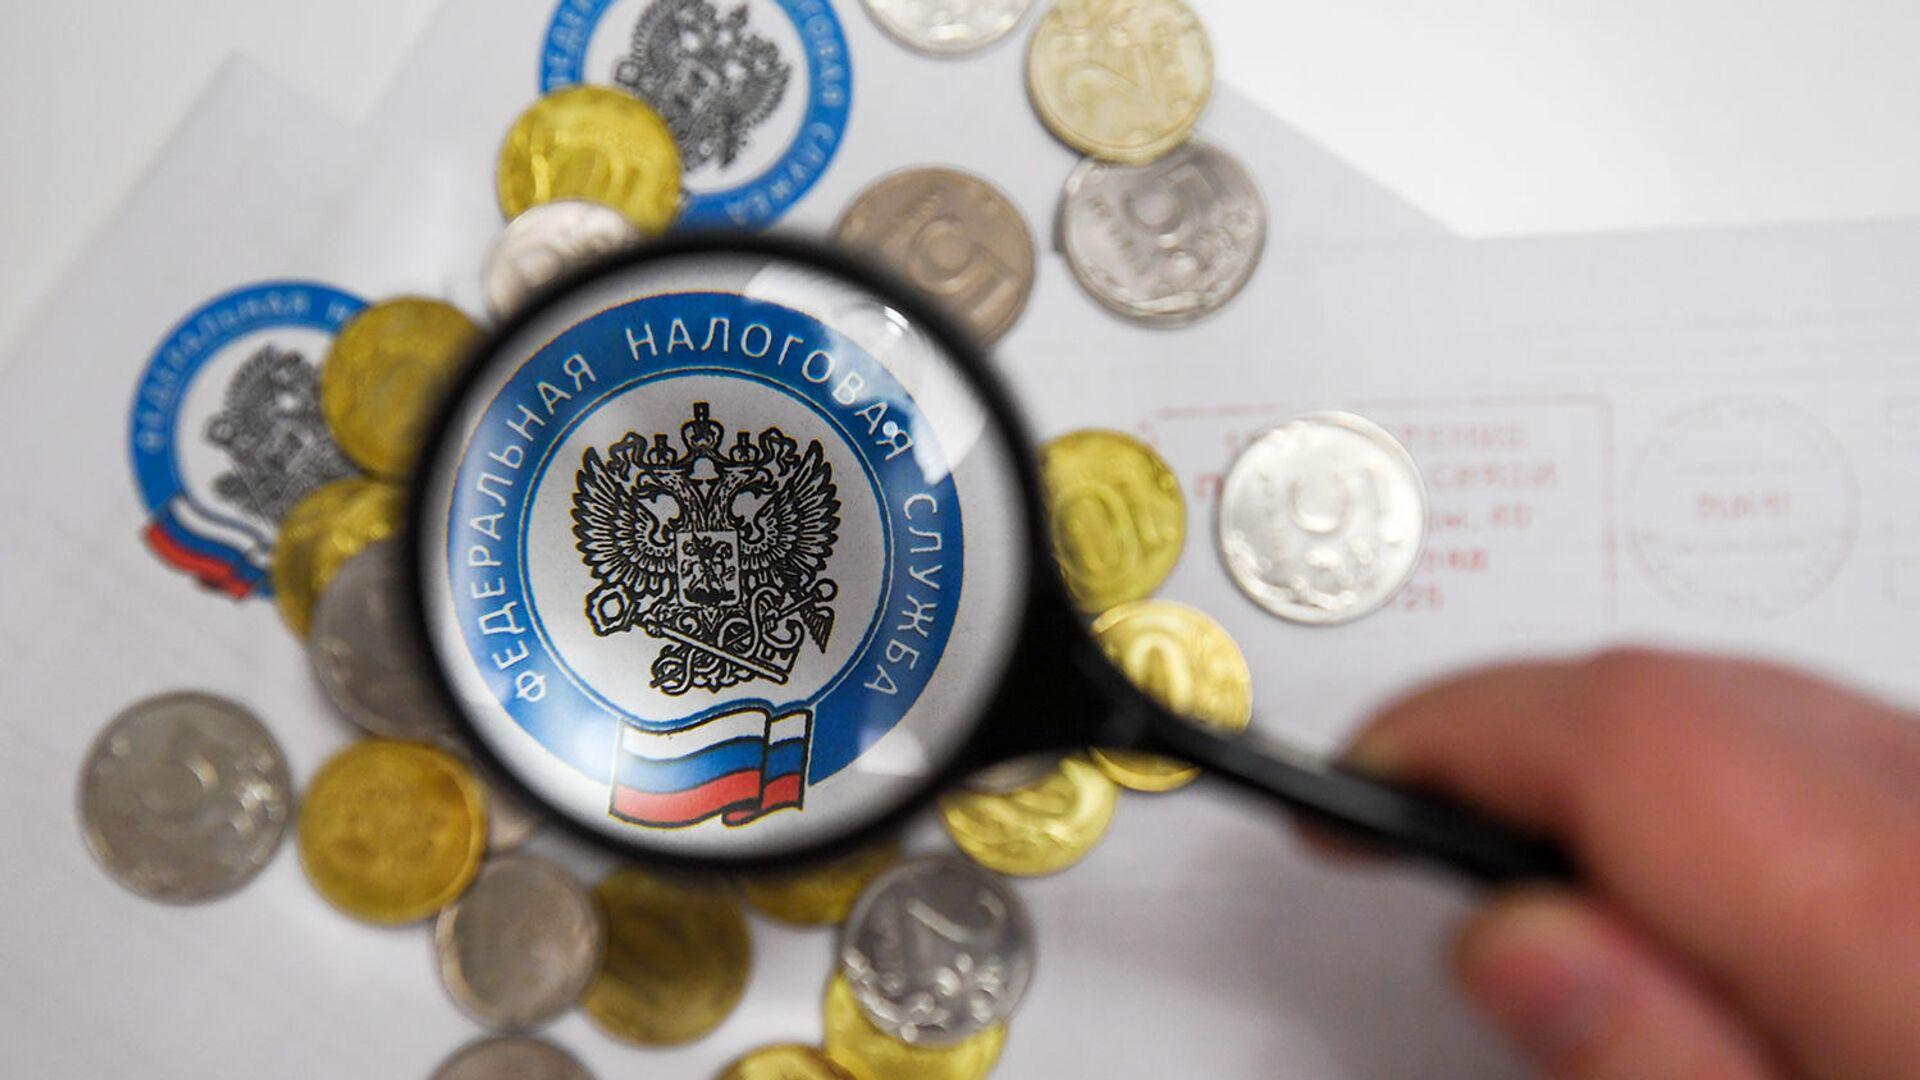 Монеты России и конверты с логотипом ФНС - РИА Новости, 1920, 30.07.2021